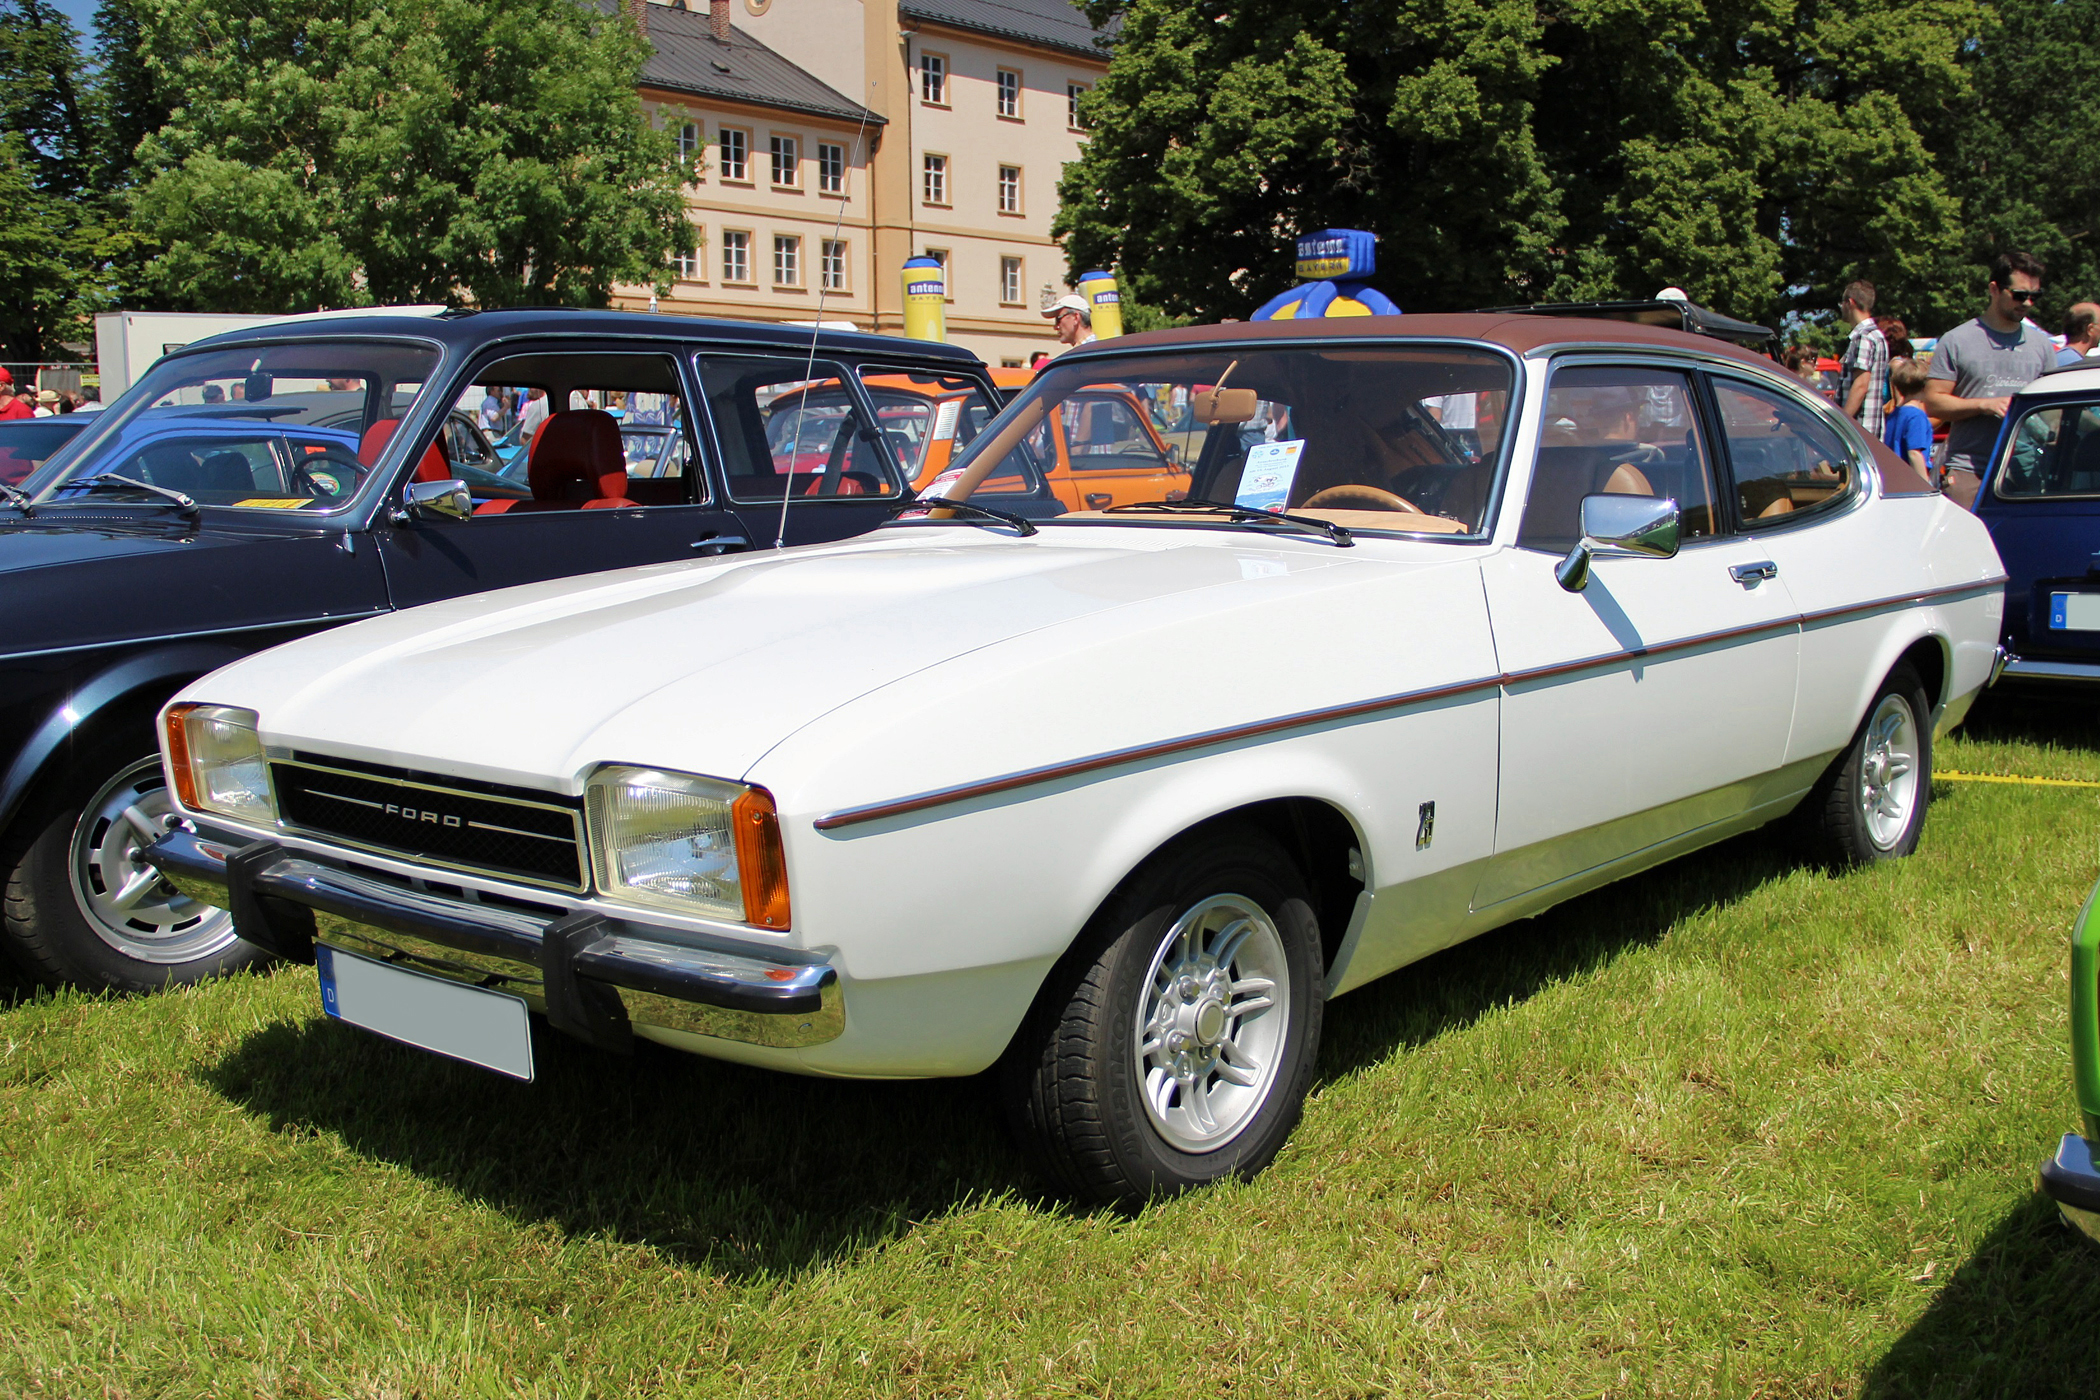 Build A Ford >> File:1974 Ford Capri II 2.3 Ghia.JPG - Wikimedia Commons